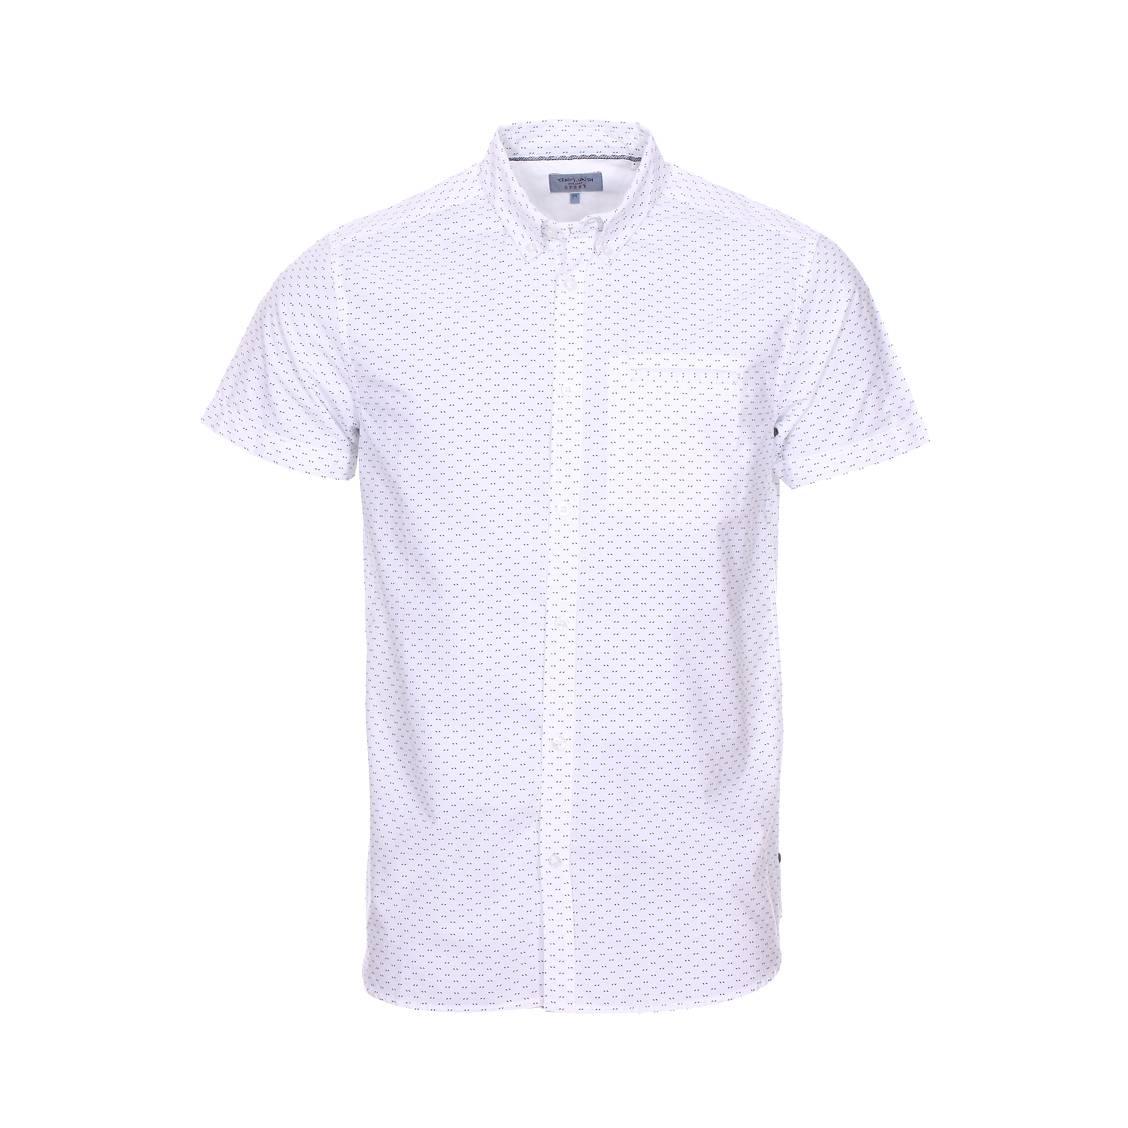 Chemise manches courtes  coury en coton blanc à motifs noirs imprimés